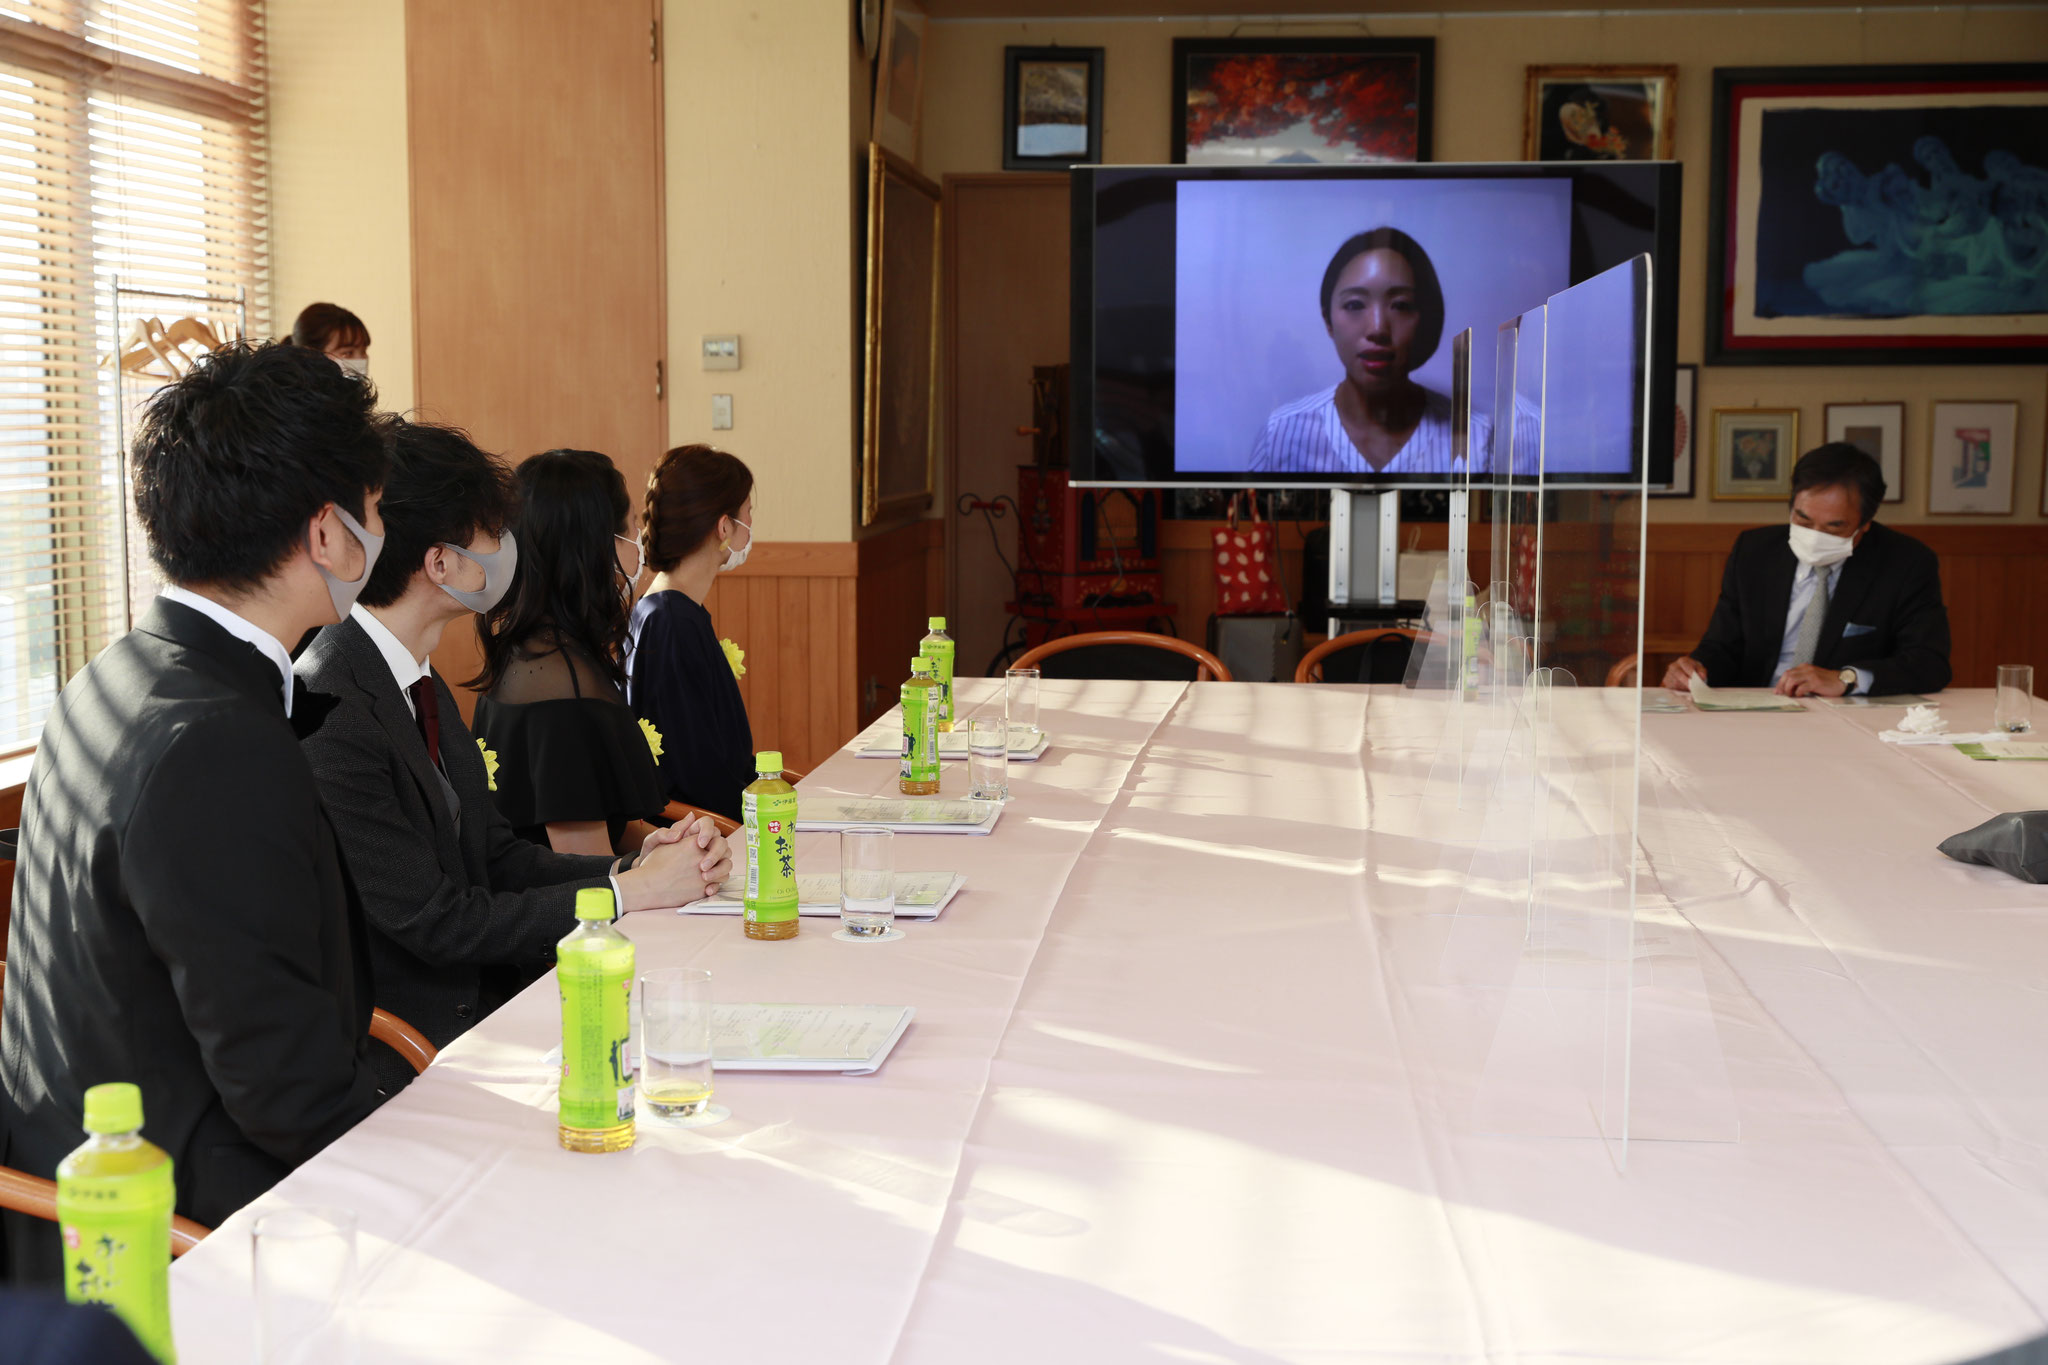 オンライン参加の高桑審査委員からビデオメッセージをいただきました。